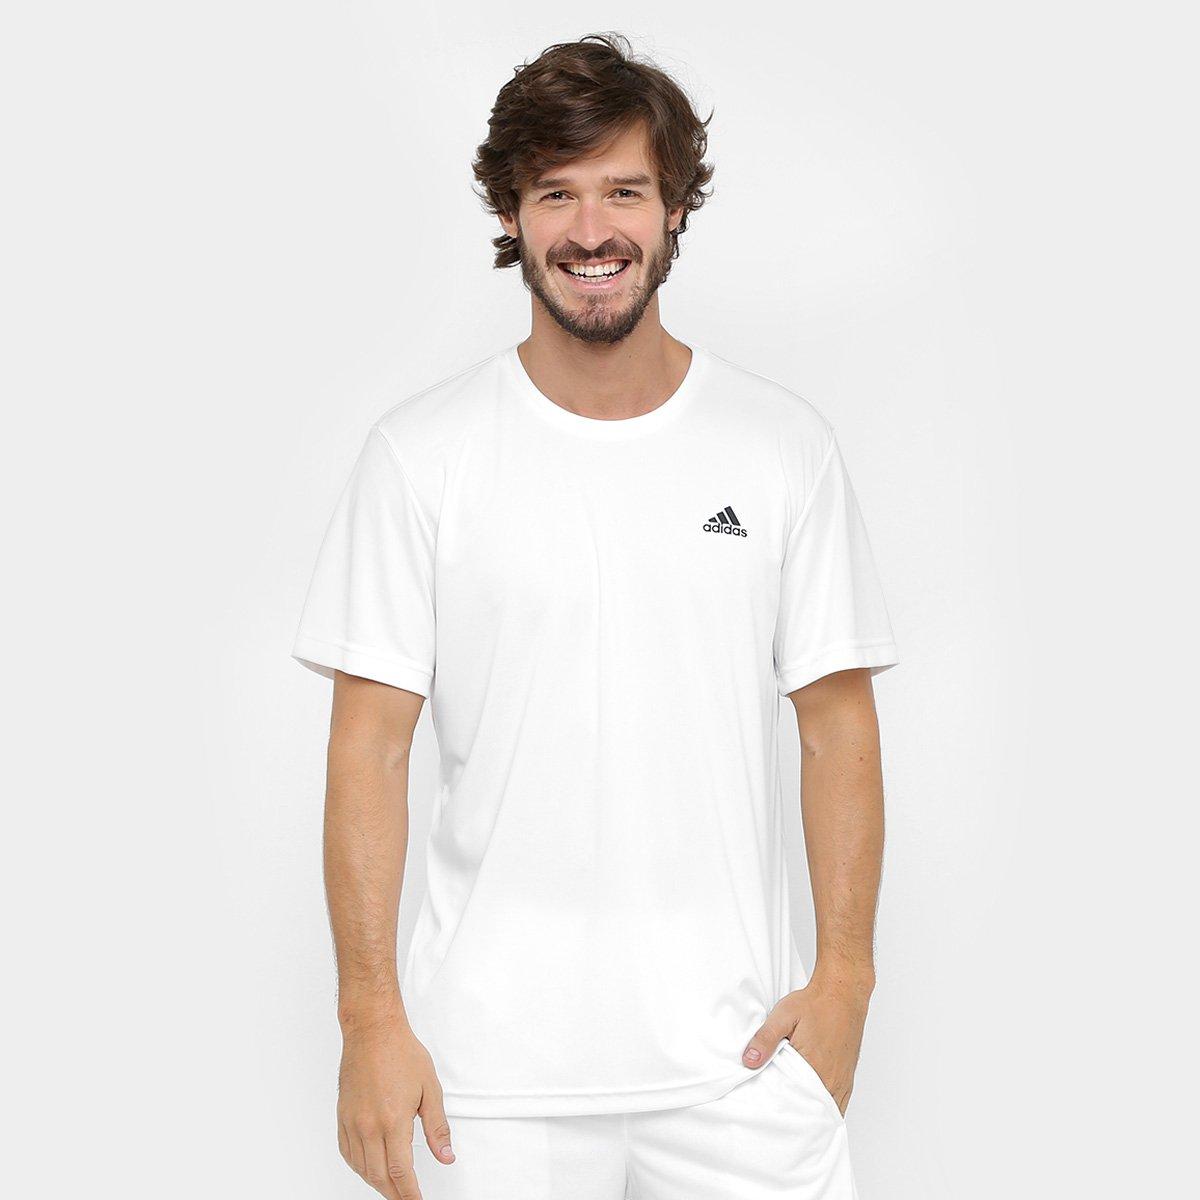 c83ff5b8683 Camiseta Adidas Approach Masculina